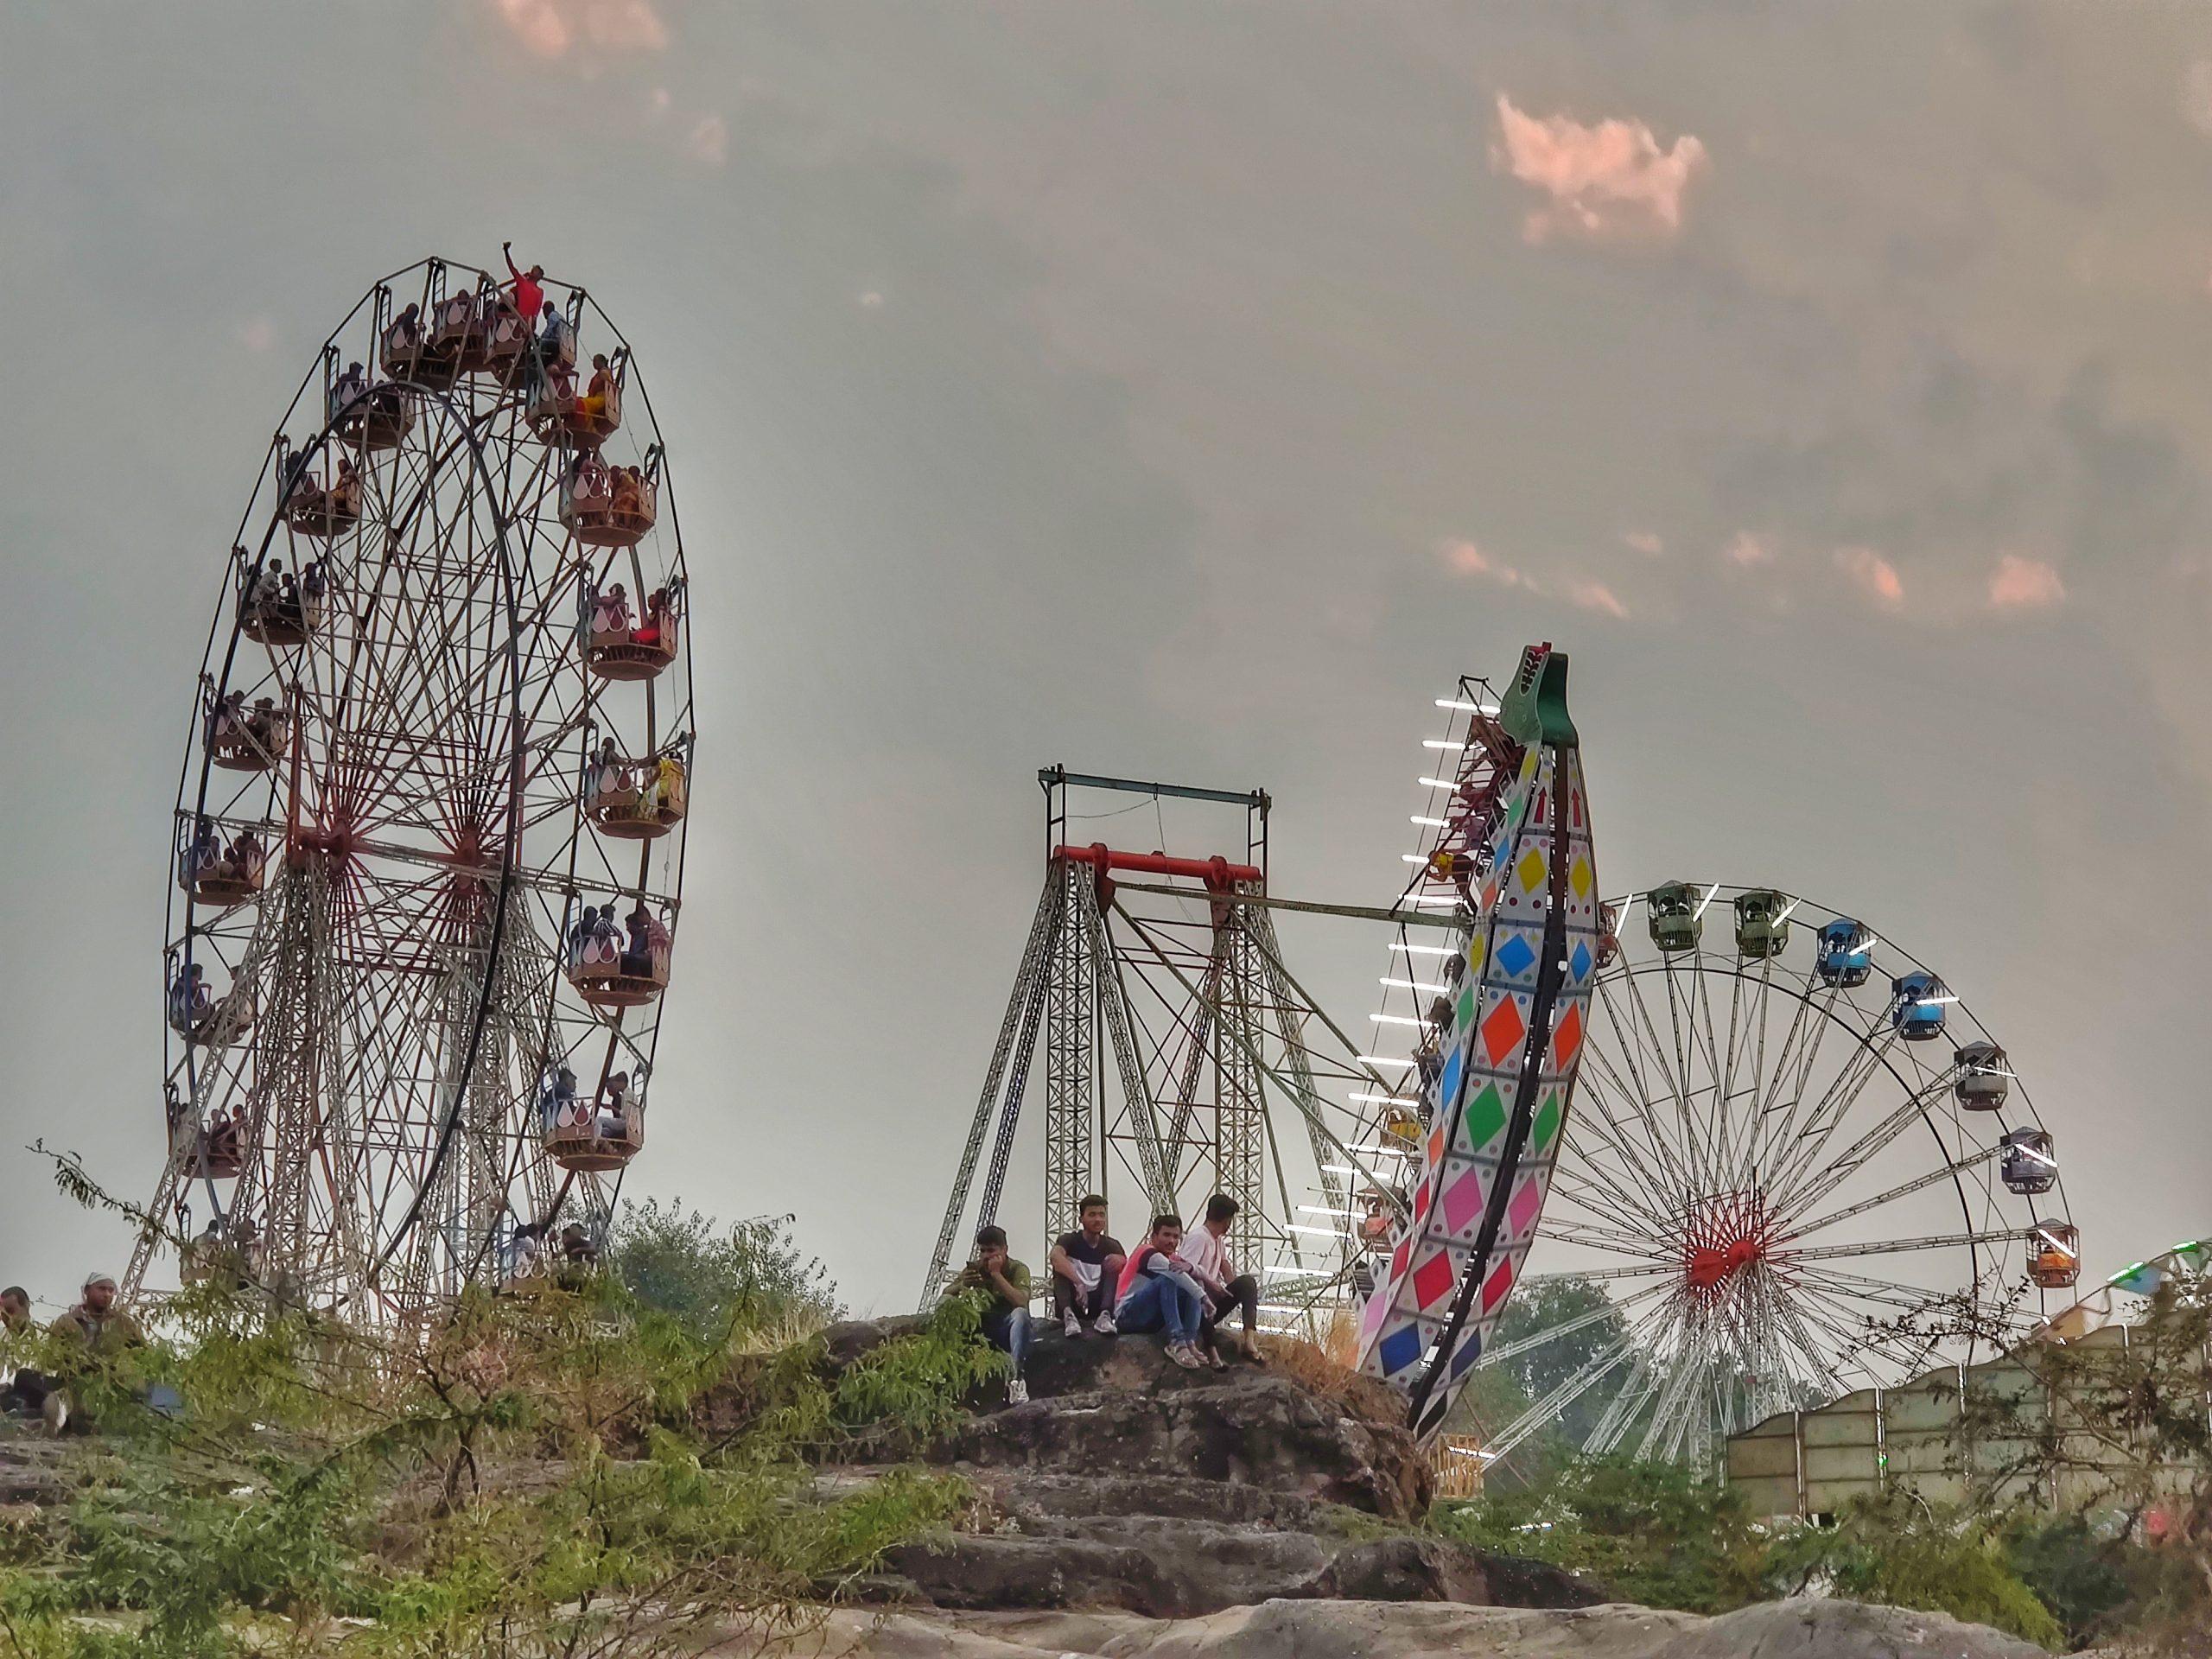 An annual fair in an Indian state